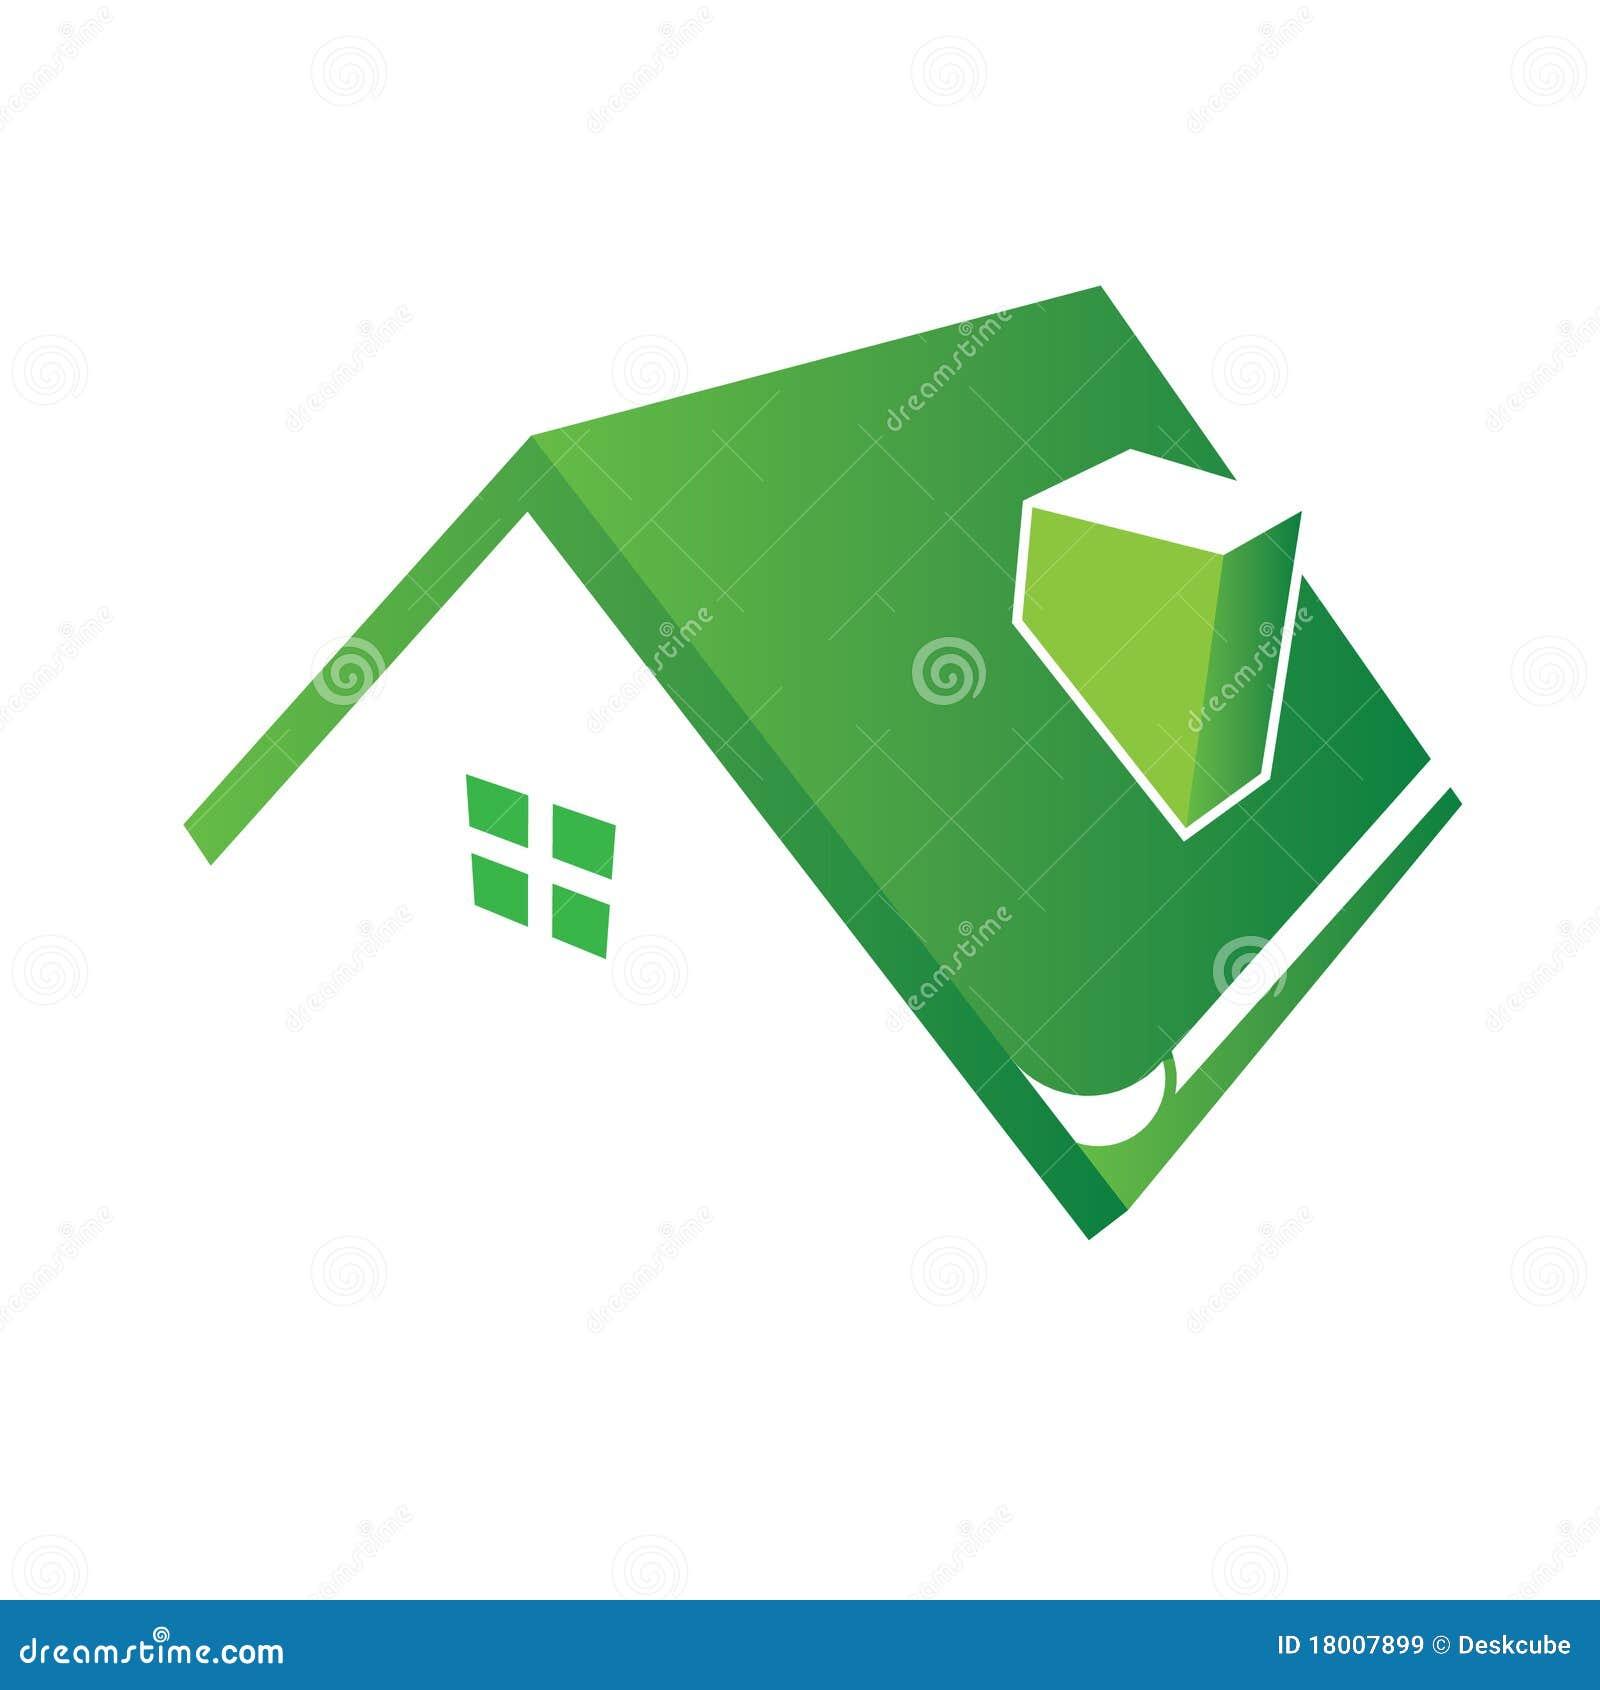 Autoguidez le logo de toit images libres de droits image for Toit de maison dessin